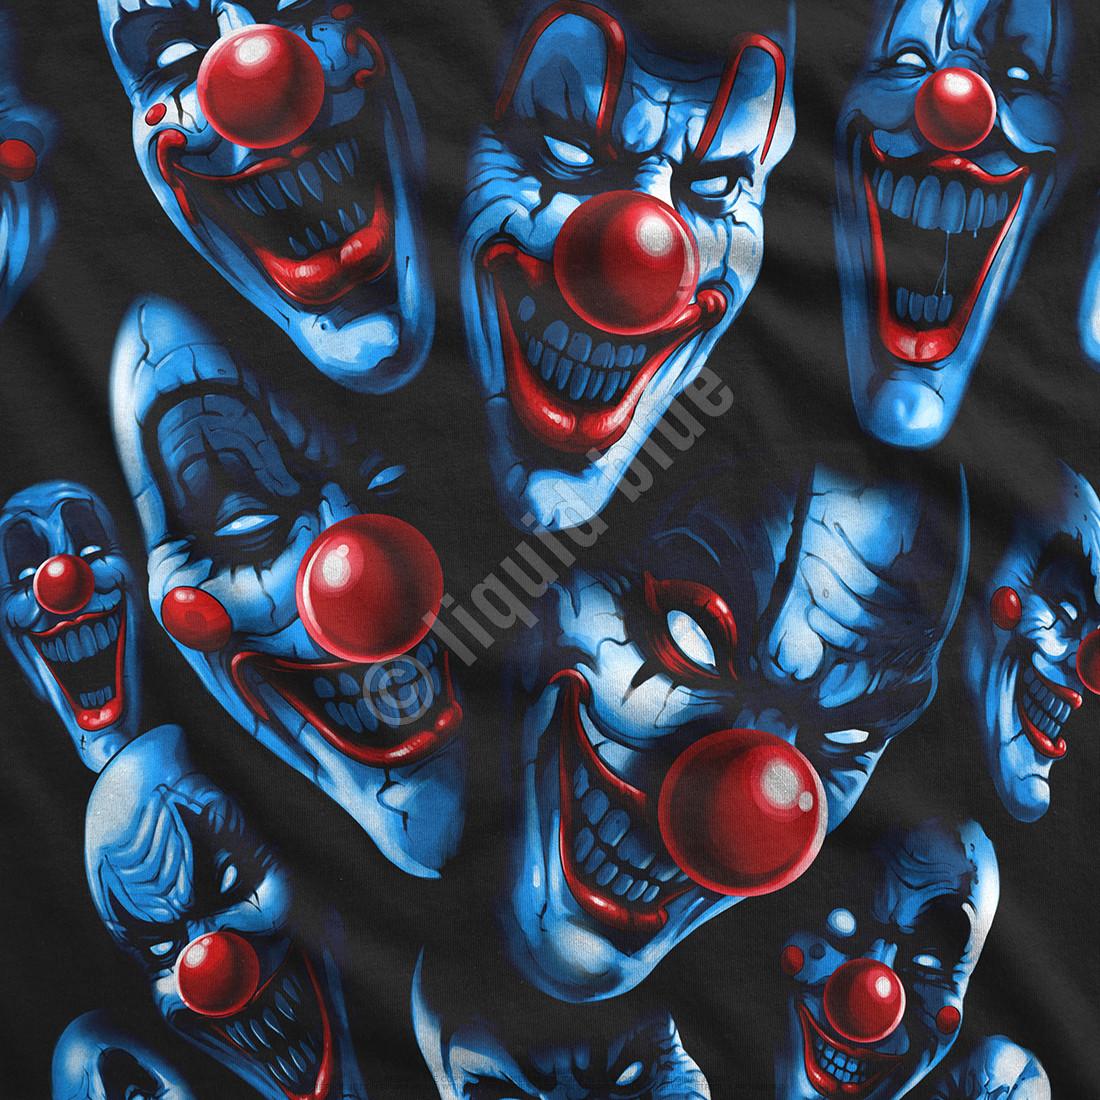 All Over Clowns Black T-Shirt